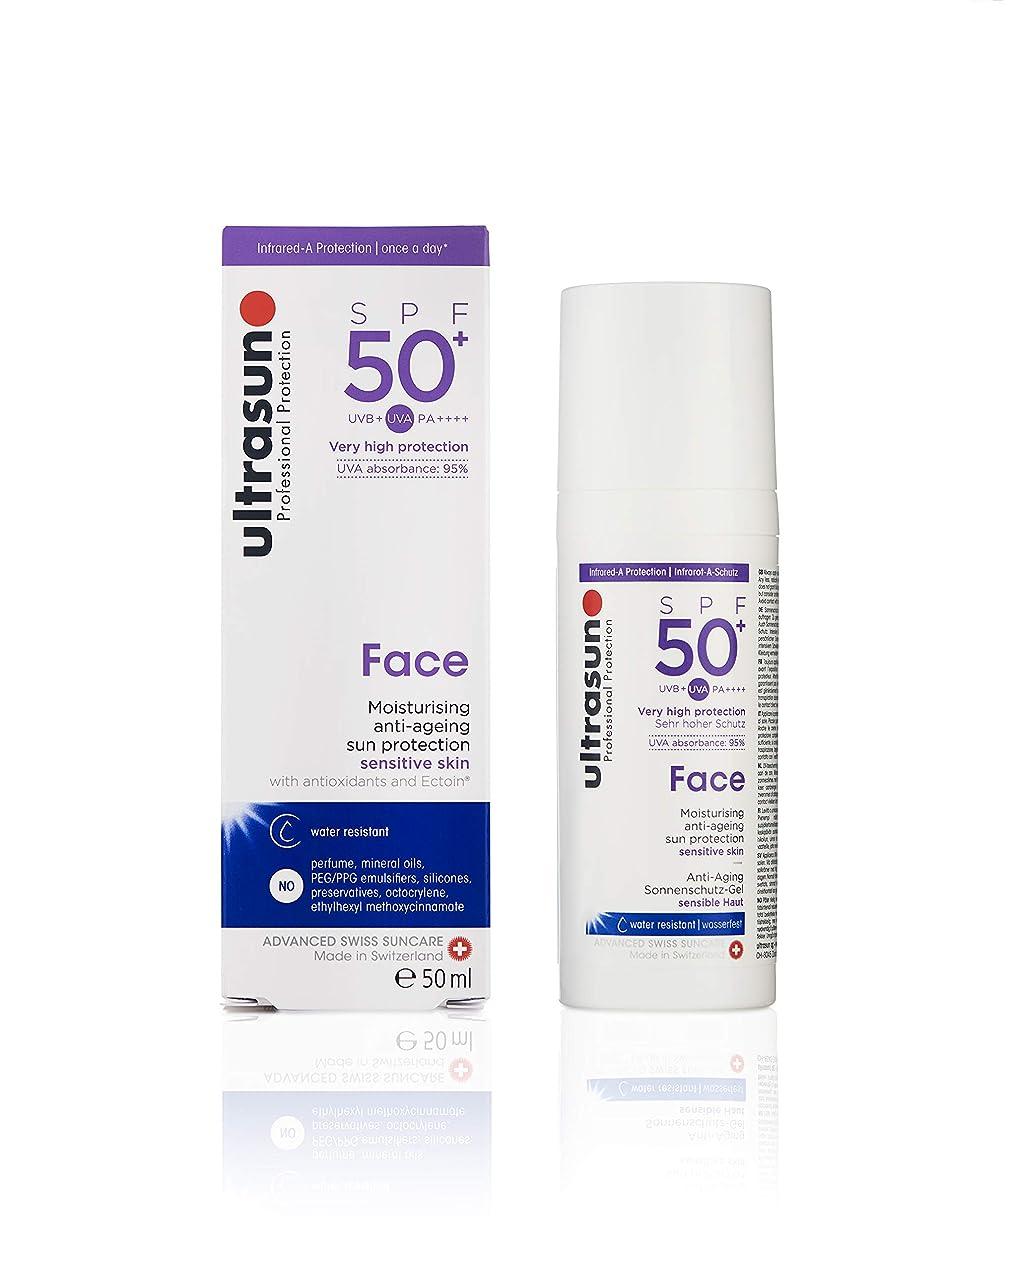 キャストわざわざ羽アルトラサン 日やけ止めクリーム フェイス UV 敏感肌用 SPF50+ PA++++ トリプルプロテクション 50mL